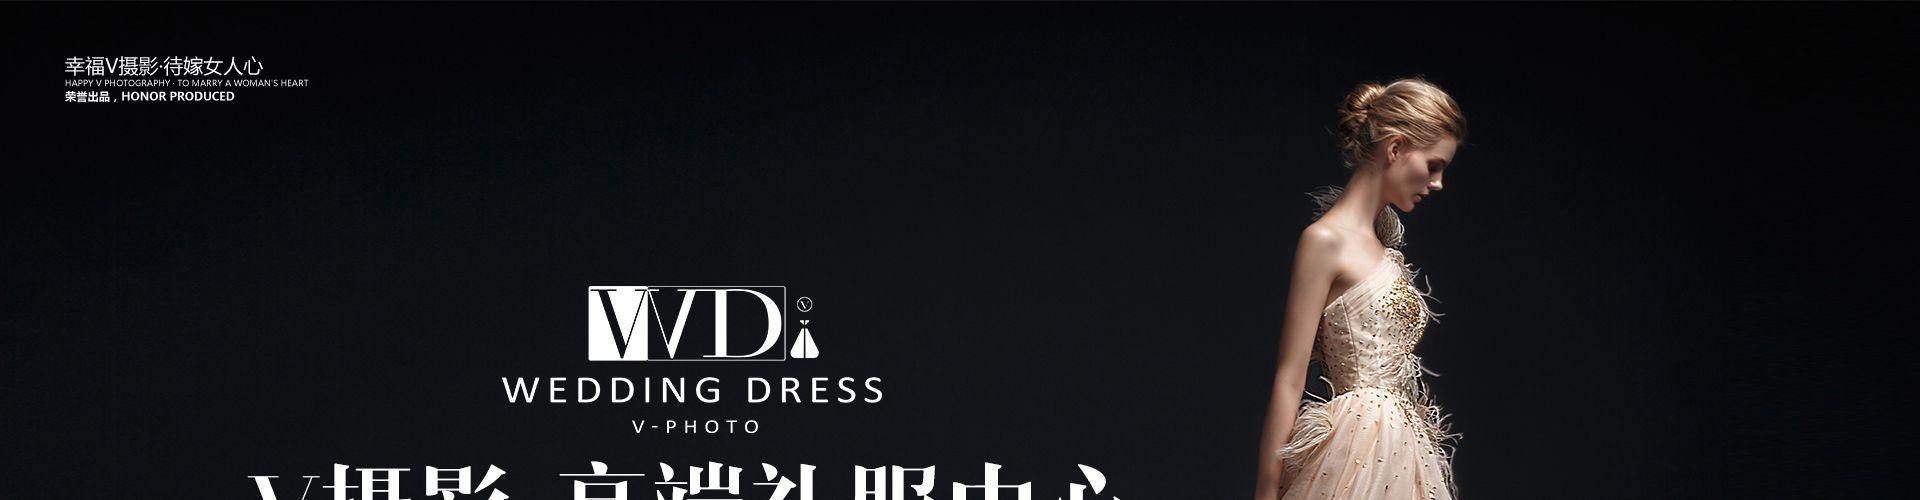 高级礼服 · 定制中心 [WD·礼服馆]